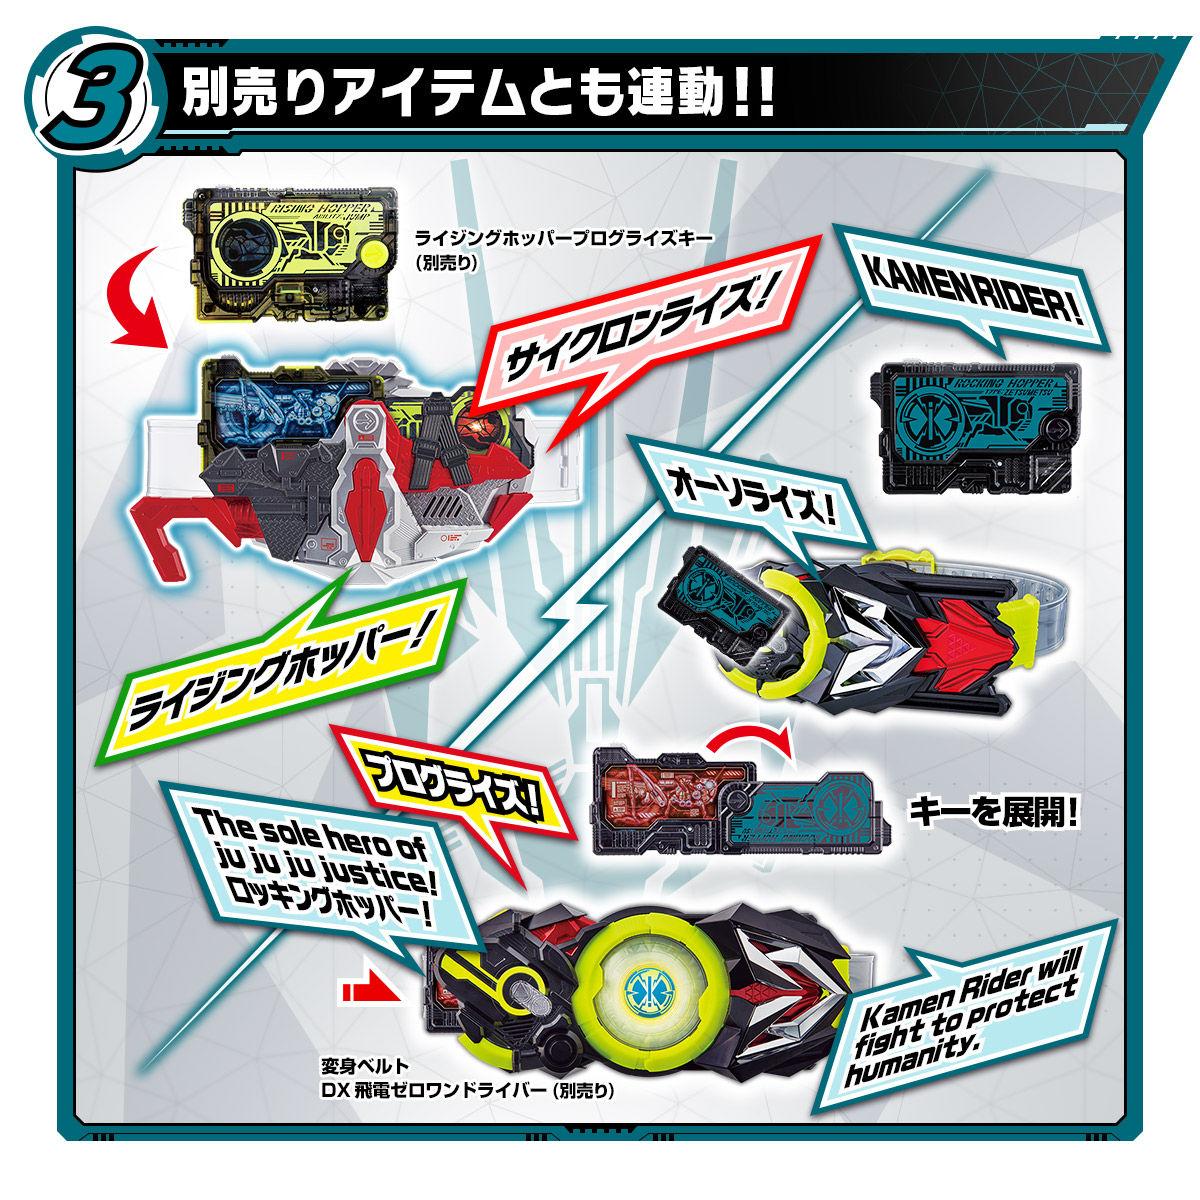 【限定販売】仮面ライダーゼロワン『DXサイクロンライザー』変身ベルト-004